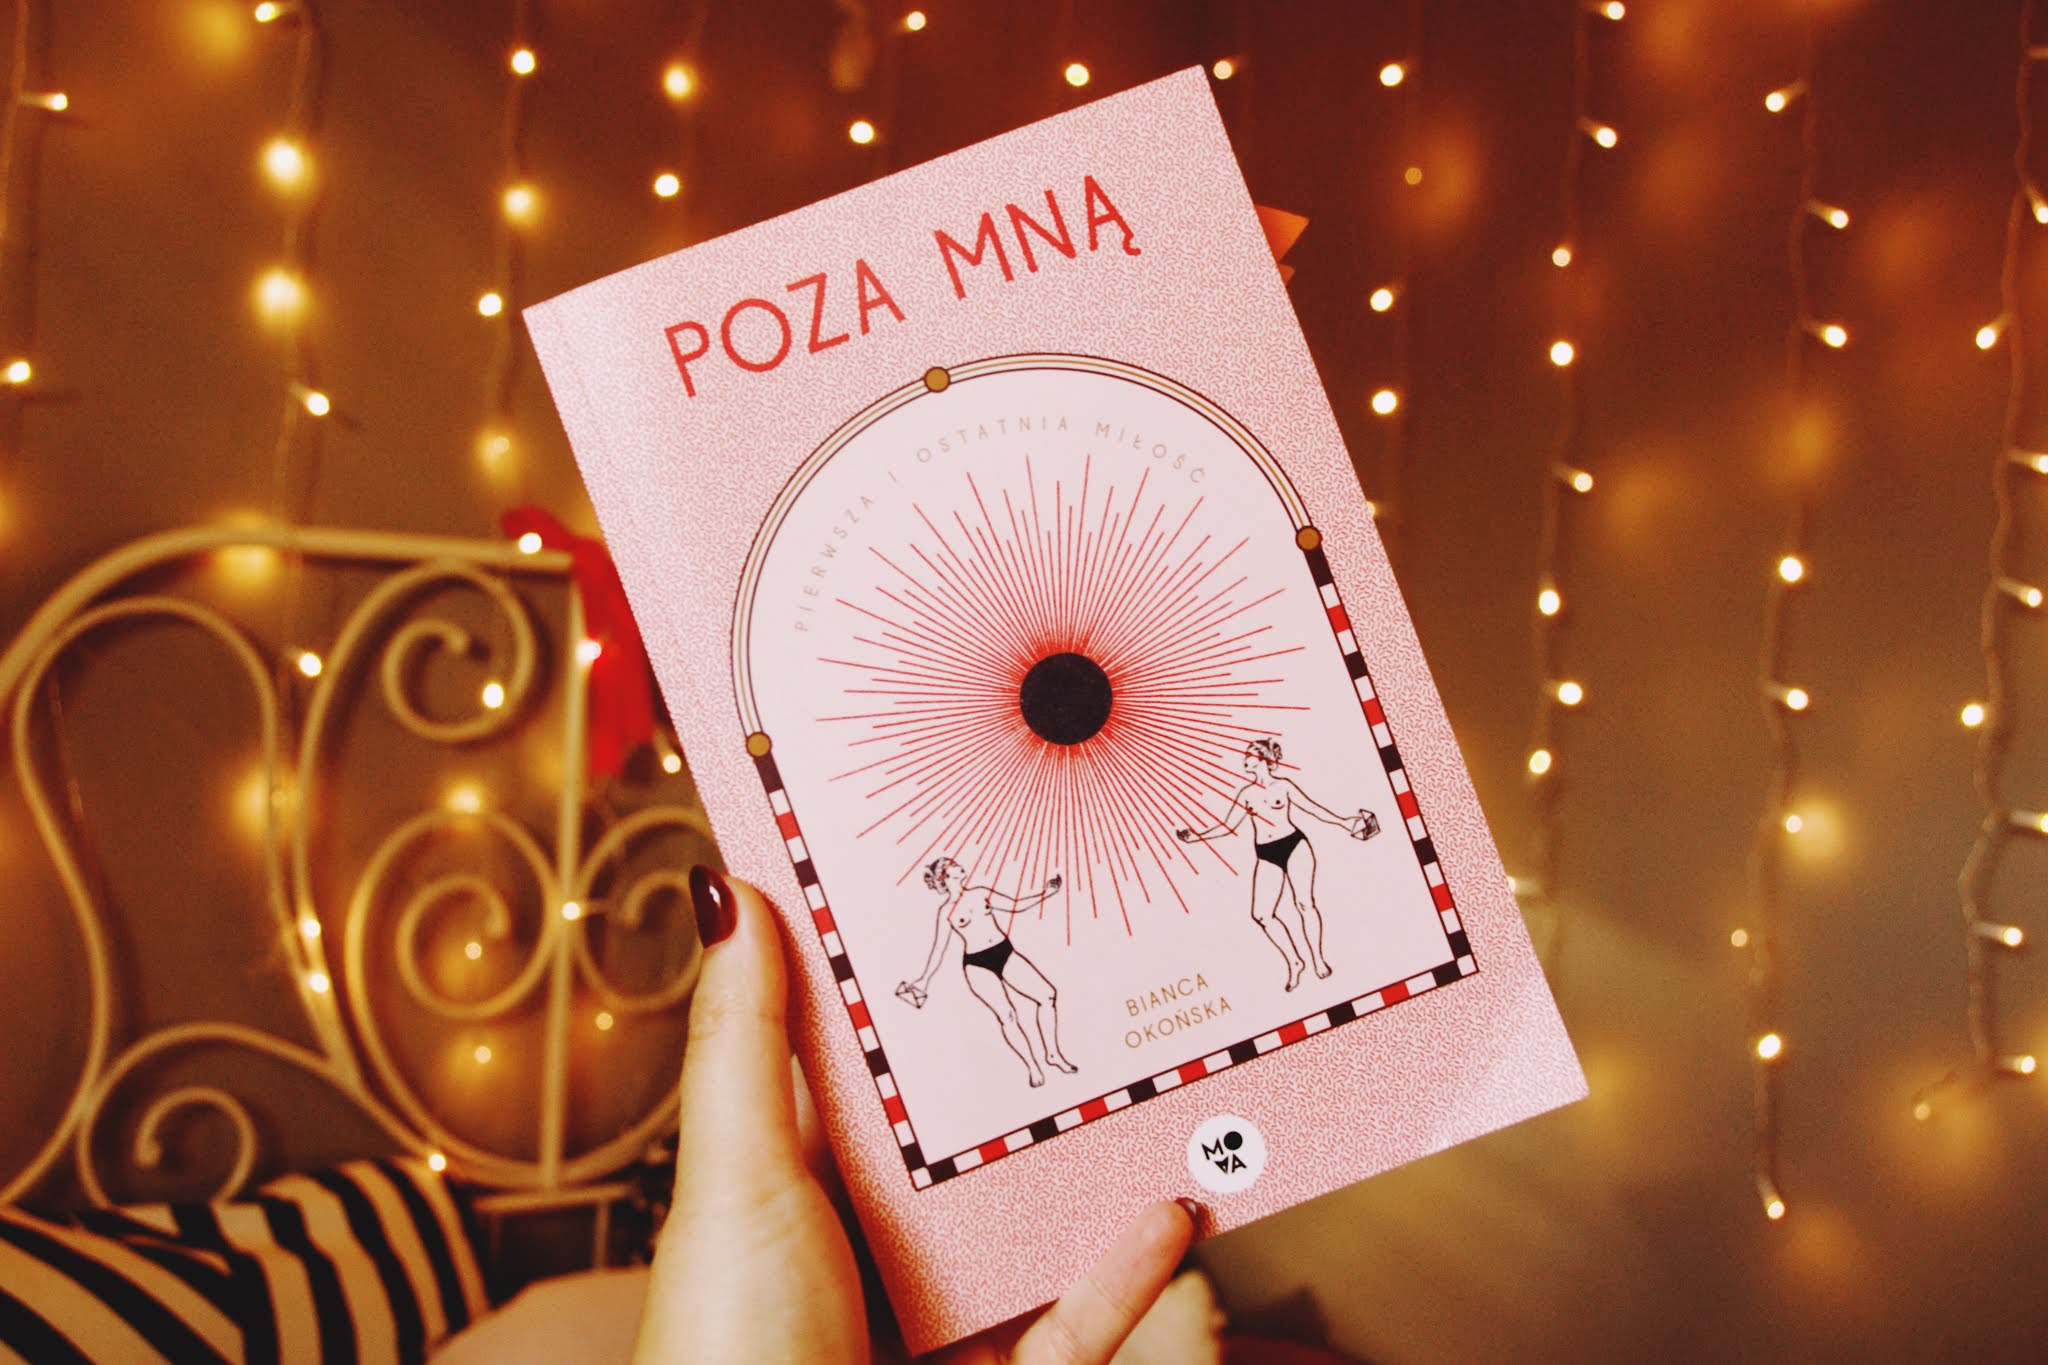 """242. Bianca Okońska """"Poza mną"""""""